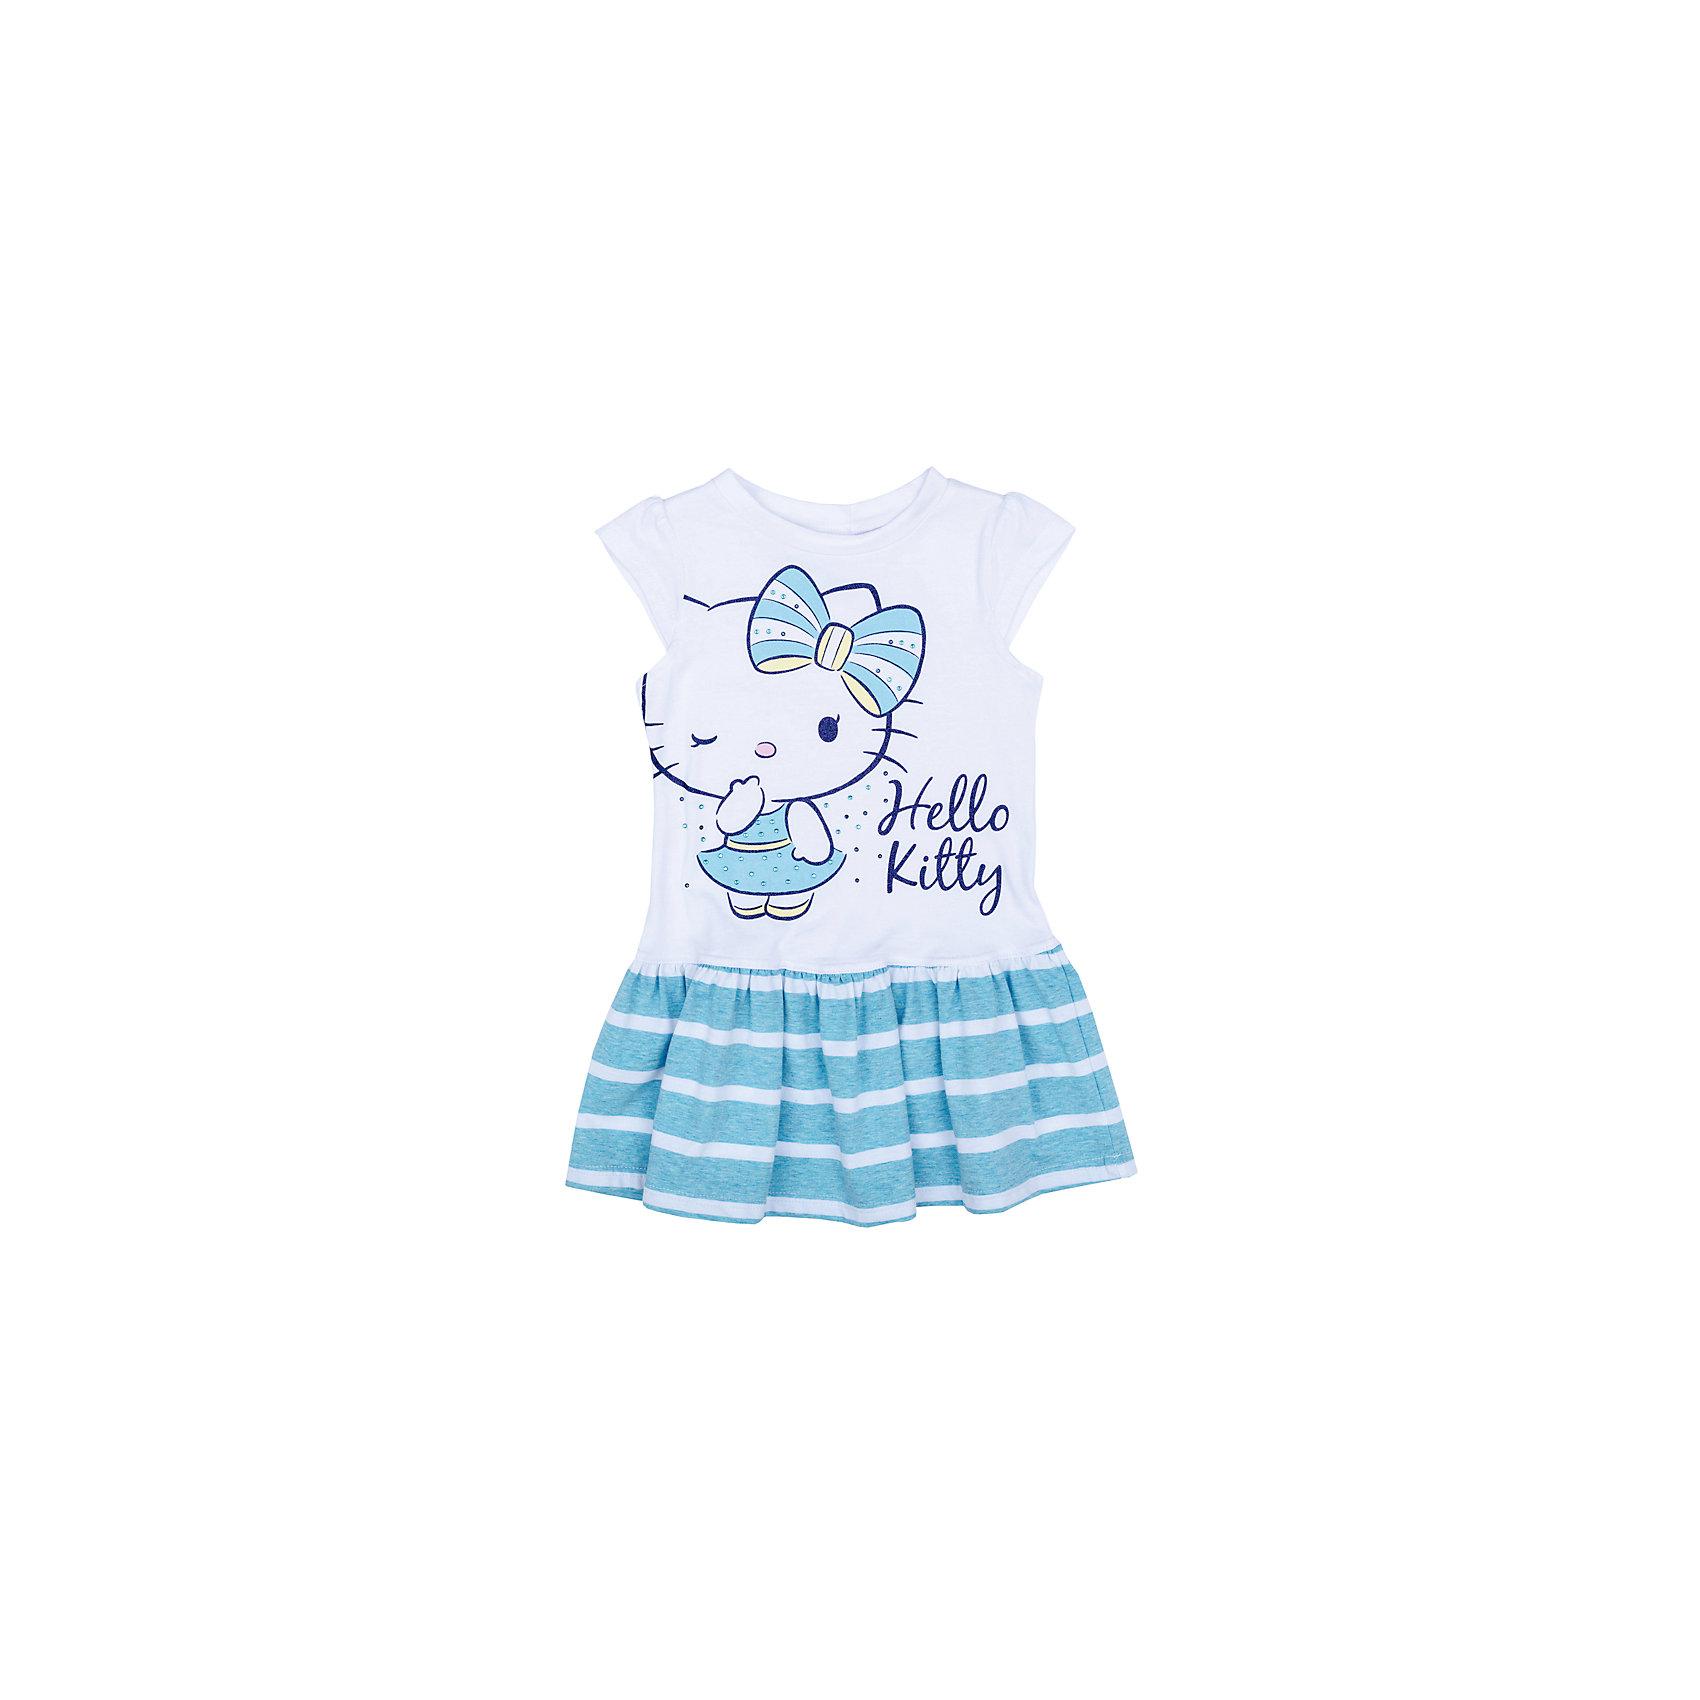 Платье для девочки PlayTodayПлатья и сарафаны<br>Платье для девочки PlayToday<br>Платье свободного кроя, с округлым вырезом у горловины, нежных оттенков понравится Вашей моднице.  Свободный крой не сковывает движений. Приятная на ощупь ткань не раздражает нежную кожу ребенка. Модель с ярким эффектным лицензированным принтом Hello Kitty.  <br><br>Преимущества: <br><br>Мягкая ткань не вызывает раздражений<br>Свободный крой не сковывает движений ребенка<br>Модель с лицензированным принтом Hello, Kitty<br><br>Состав:<br>95% хлопок, 5% эластан<br><br>Ширина мм: 236<br>Глубина мм: 16<br>Высота мм: 184<br>Вес г: 177<br>Цвет: голубой<br>Возраст от месяцев: 84<br>Возраст до месяцев: 96<br>Пол: Женский<br>Возраст: Детский<br>Размер: 128,98,104,110,116,122<br>SKU: 5403914